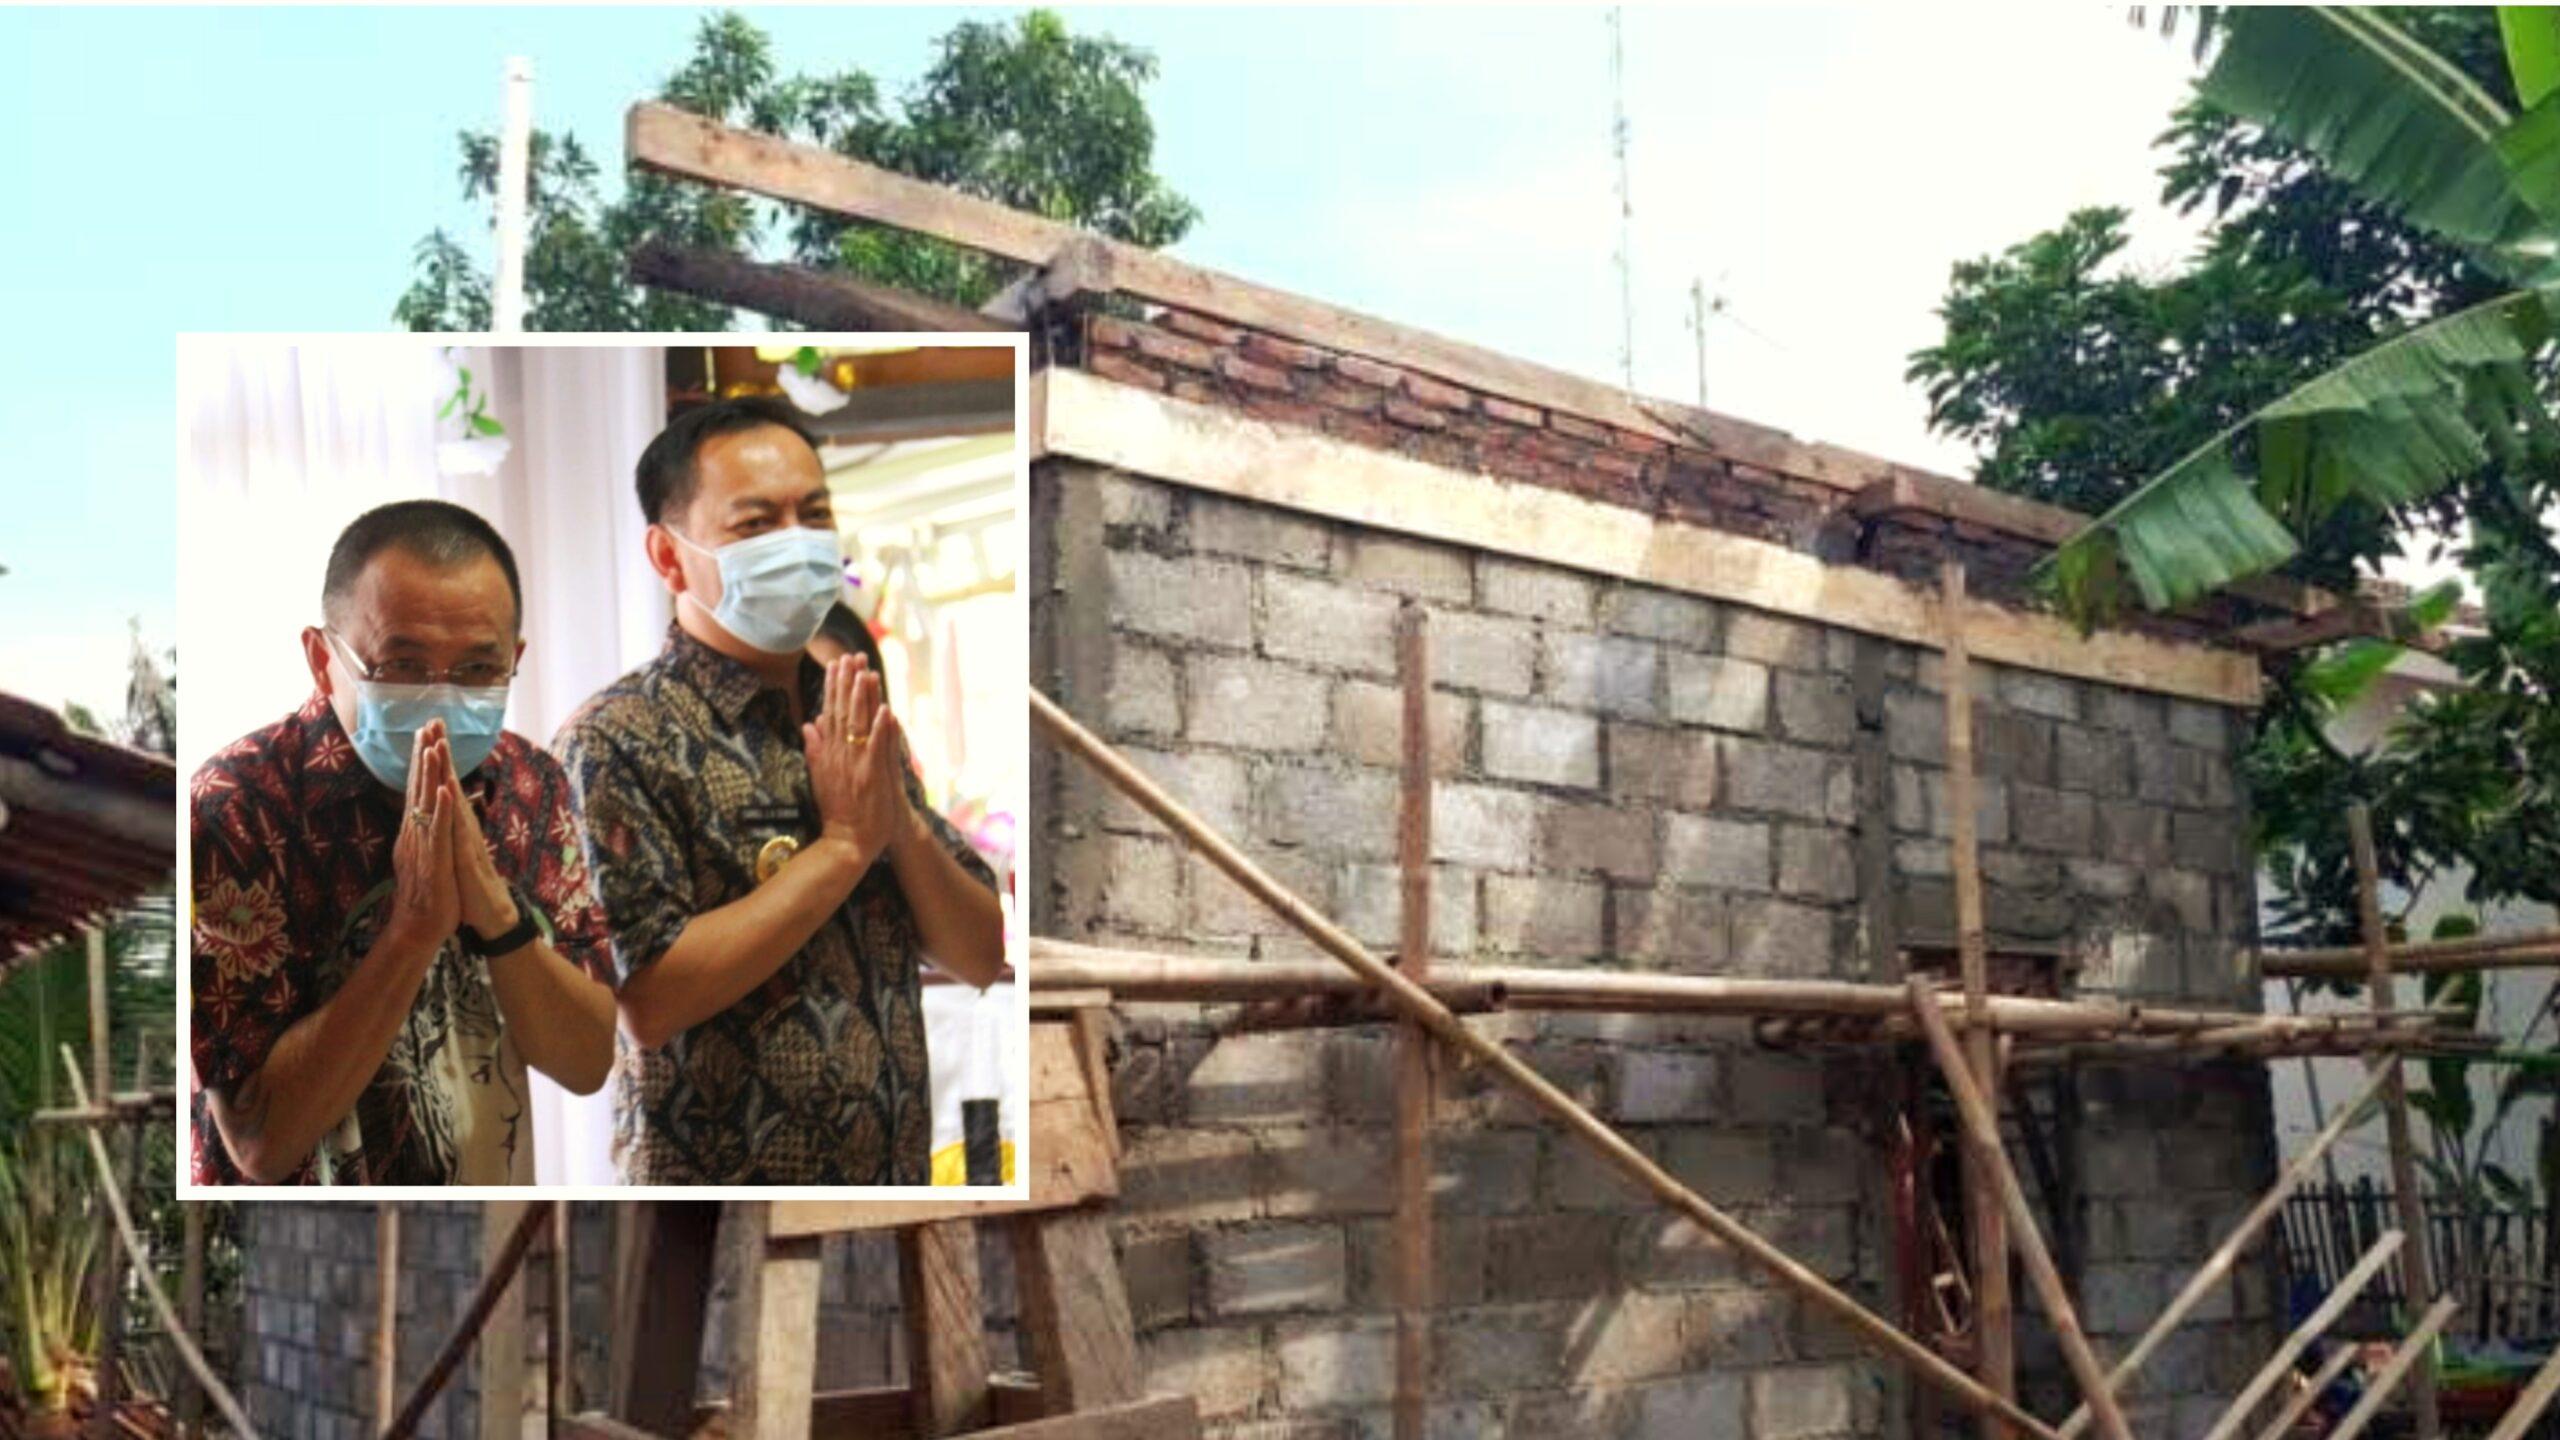 Pendataan Rumah Tidak Layak Huni Diperpanjang, Caroll-Wenny: Bantuan Harus Tepat Sasaran